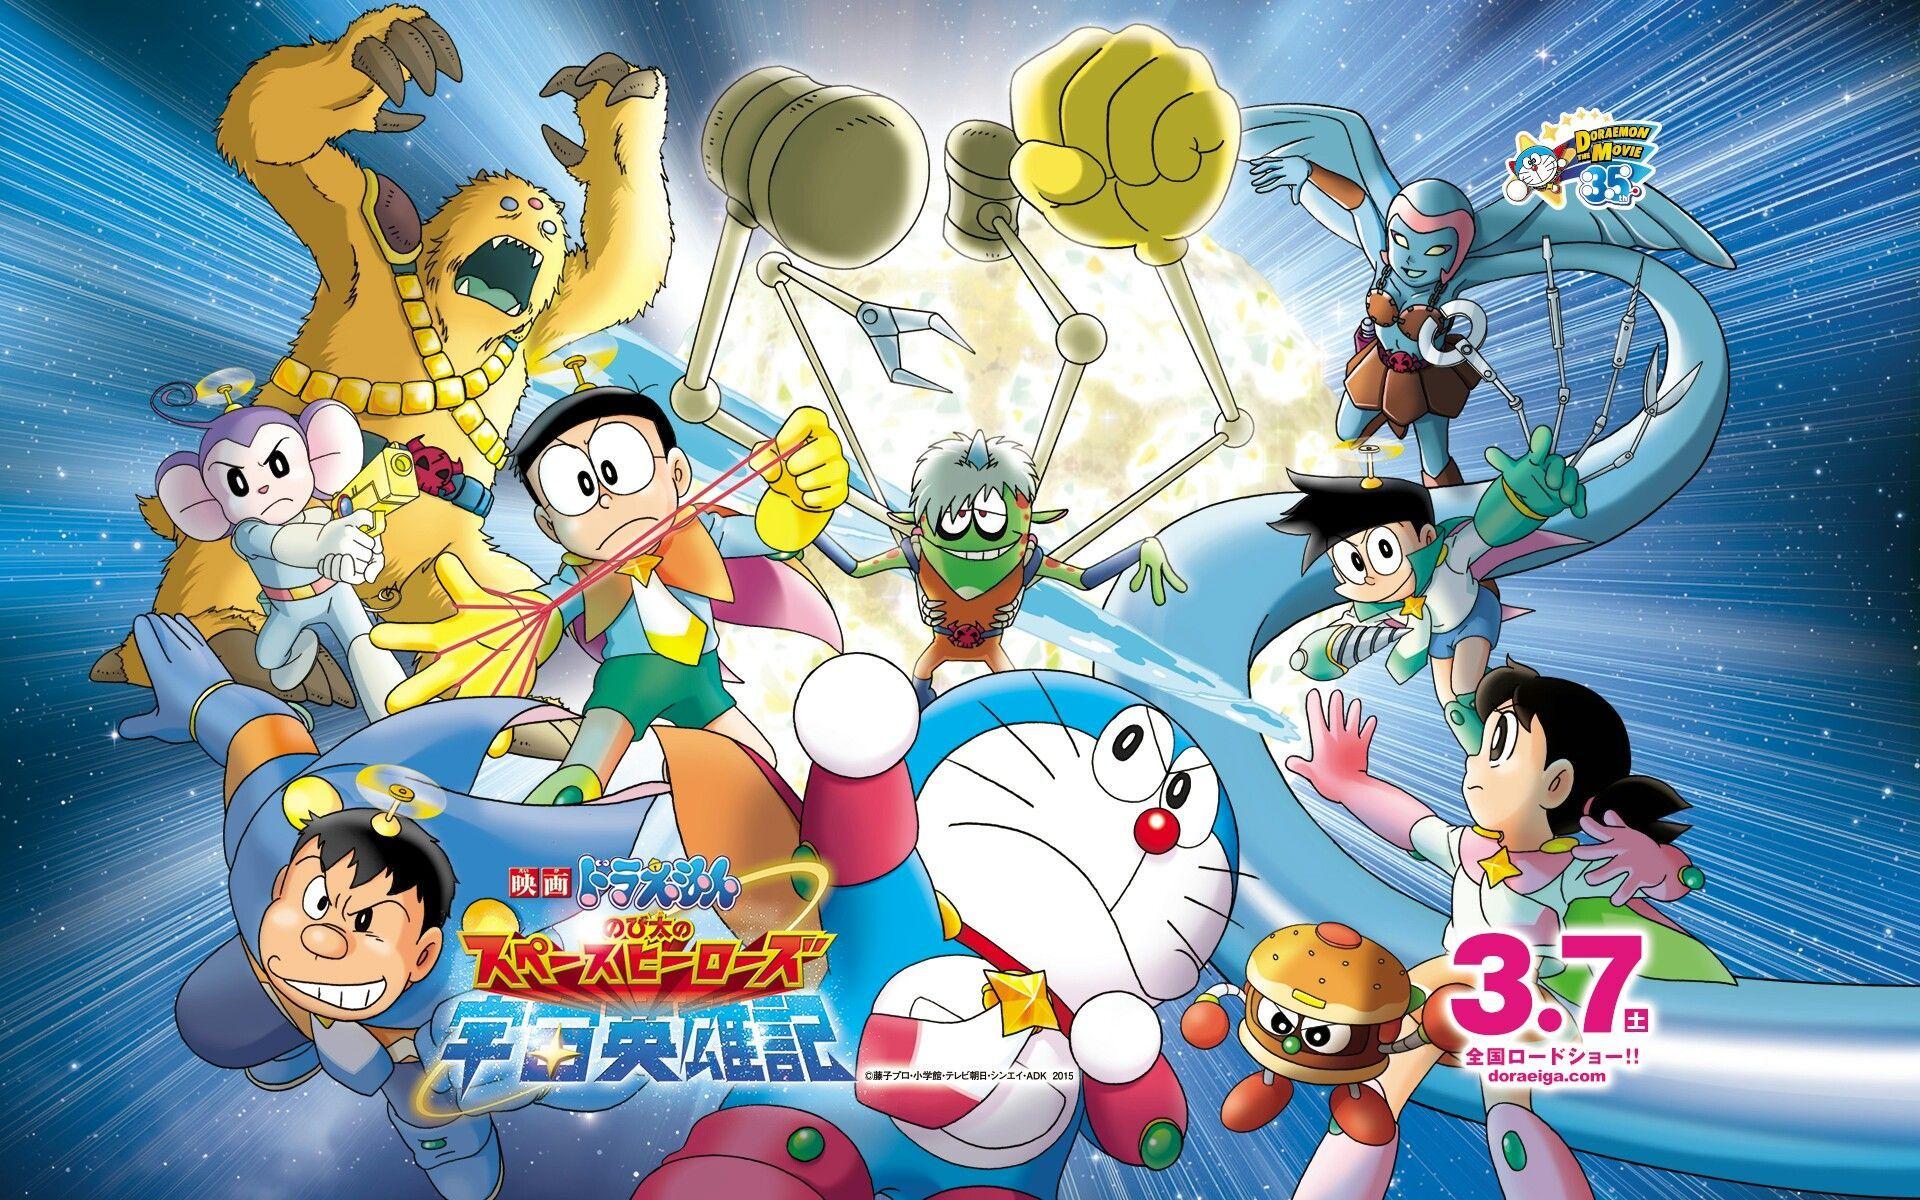 Unduh 950 Koleksi Gambar Doraemon The Movie Gratis Terbaik